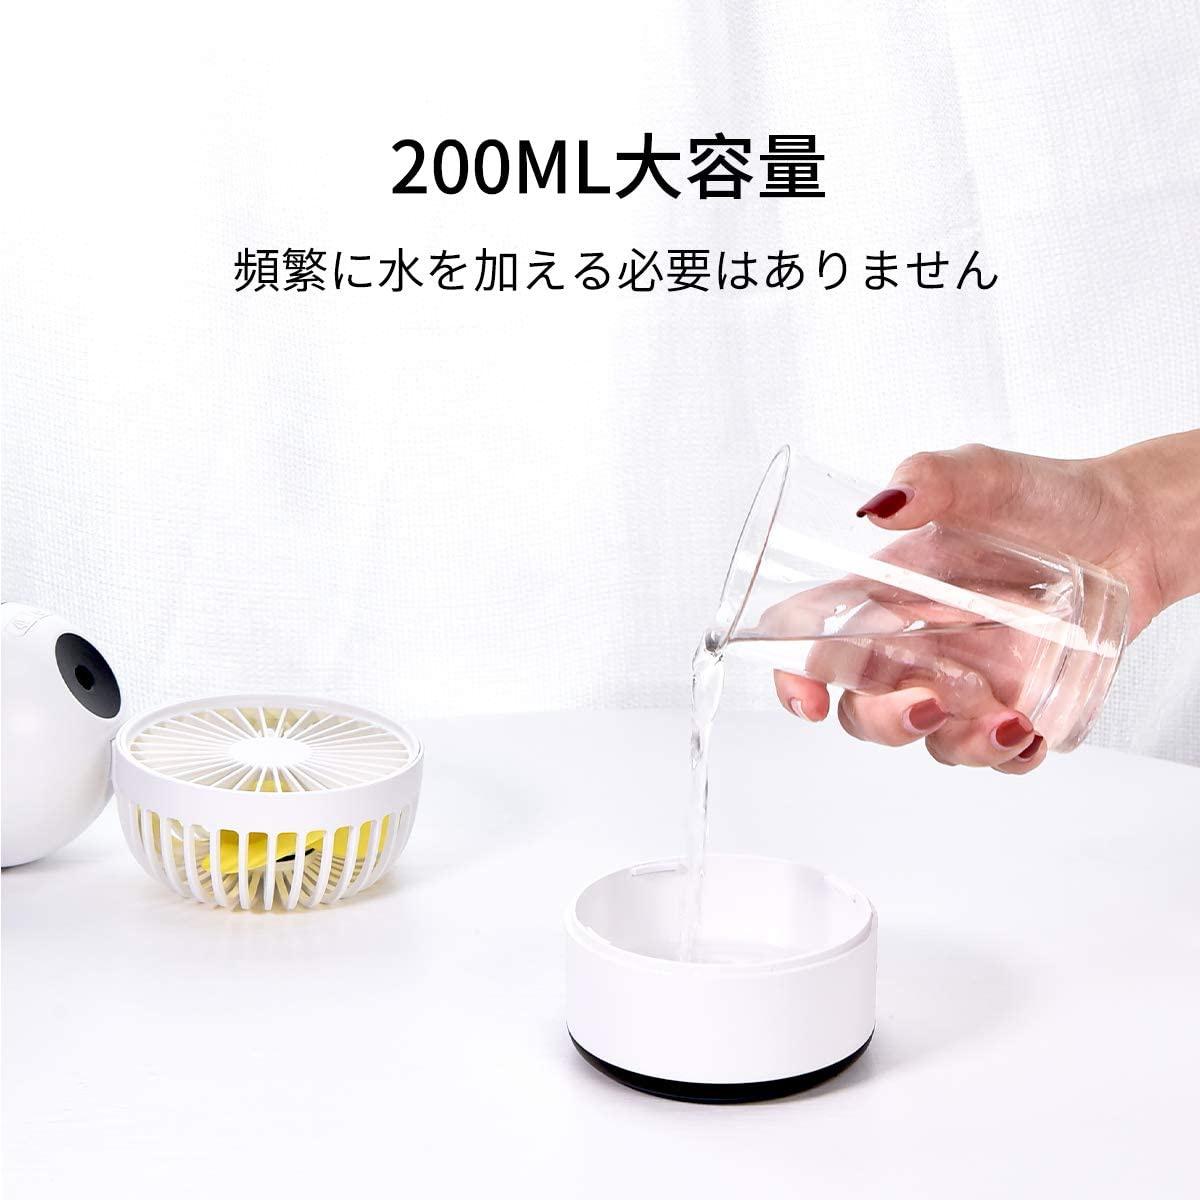 NI-SHEN(ニーシェン) 卓上扇風機 ミストファン加湿機能付きの商品画像6